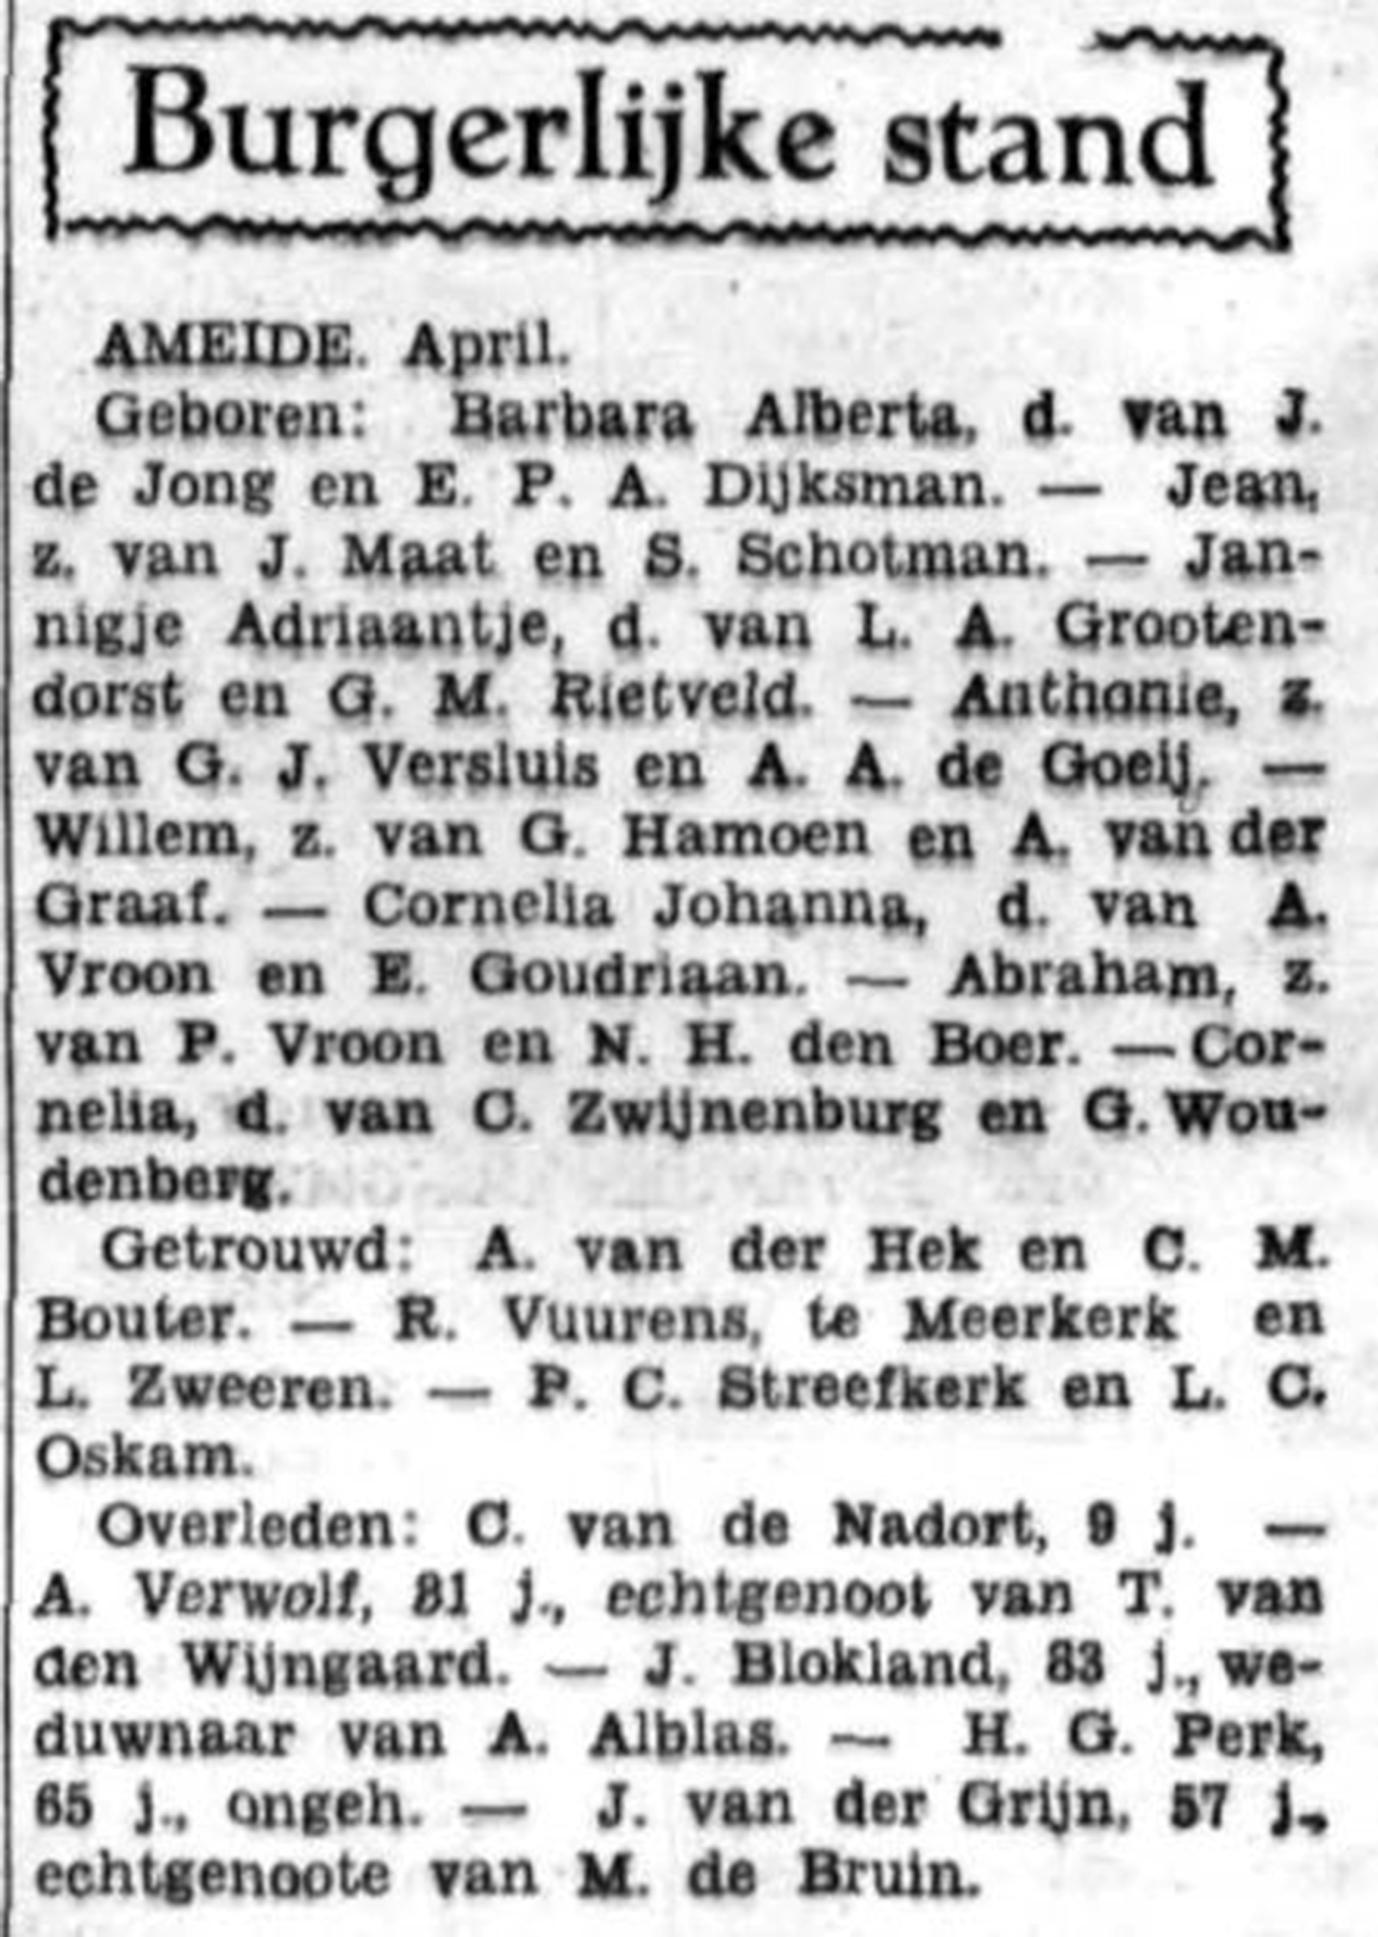 schoonhovensche-courant-06804-1937-05-03-artikel-06